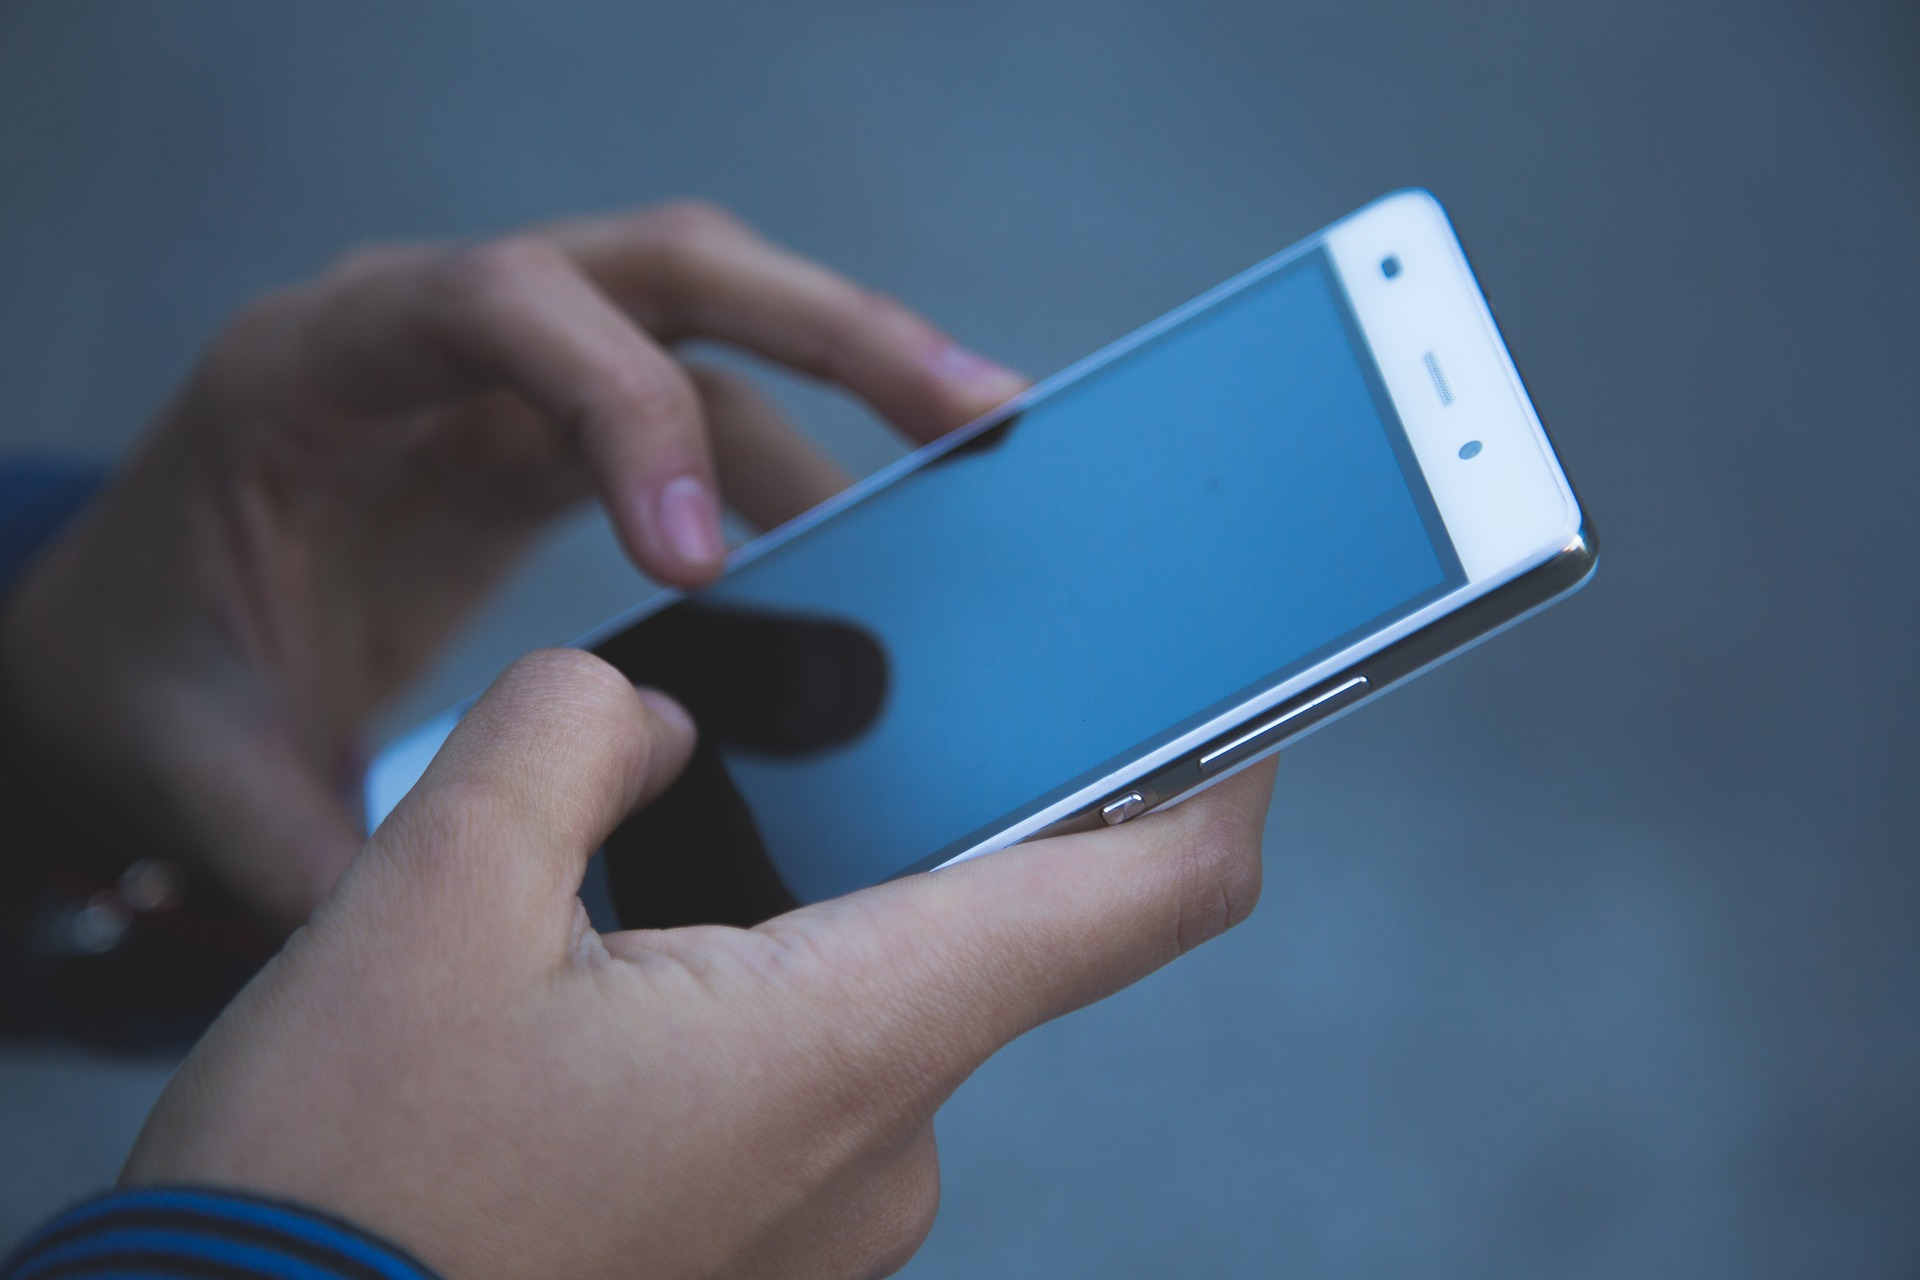 Zo ga je de vijf vervelendste situaties die elke smartphone bezitter kunnen overkomen effectief te lijf